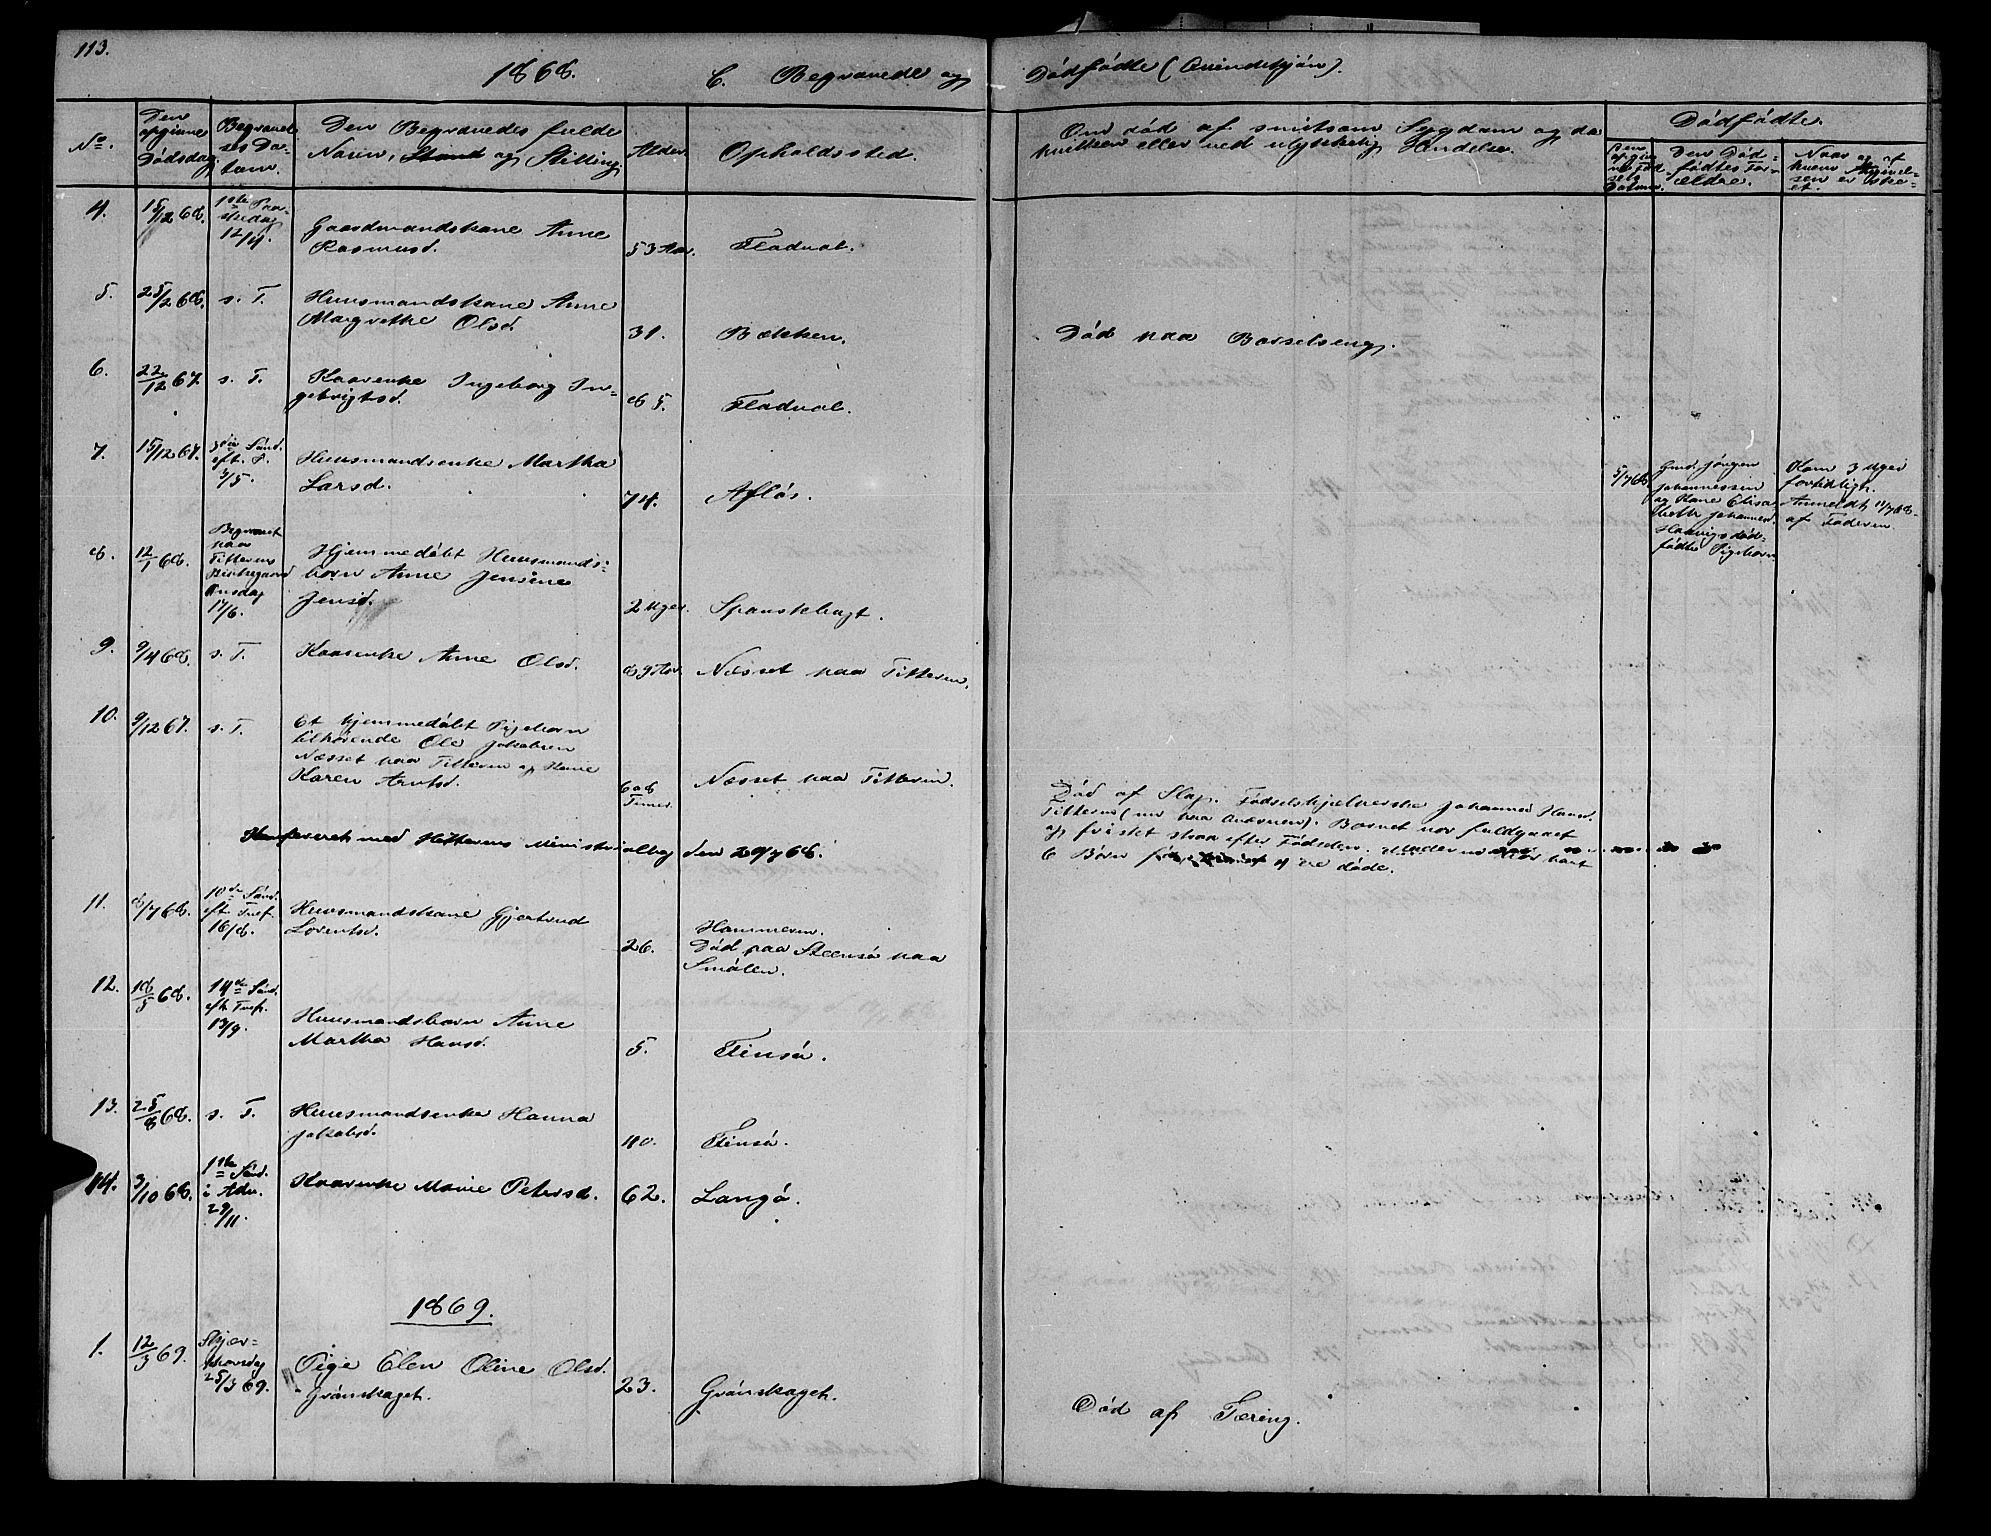 SAT, Ministerialprotokoller, klokkerbøker og fødselsregistre - Sør-Trøndelag, 634/L0539: Klokkerbok nr. 634C01, 1866-1873, s. 113